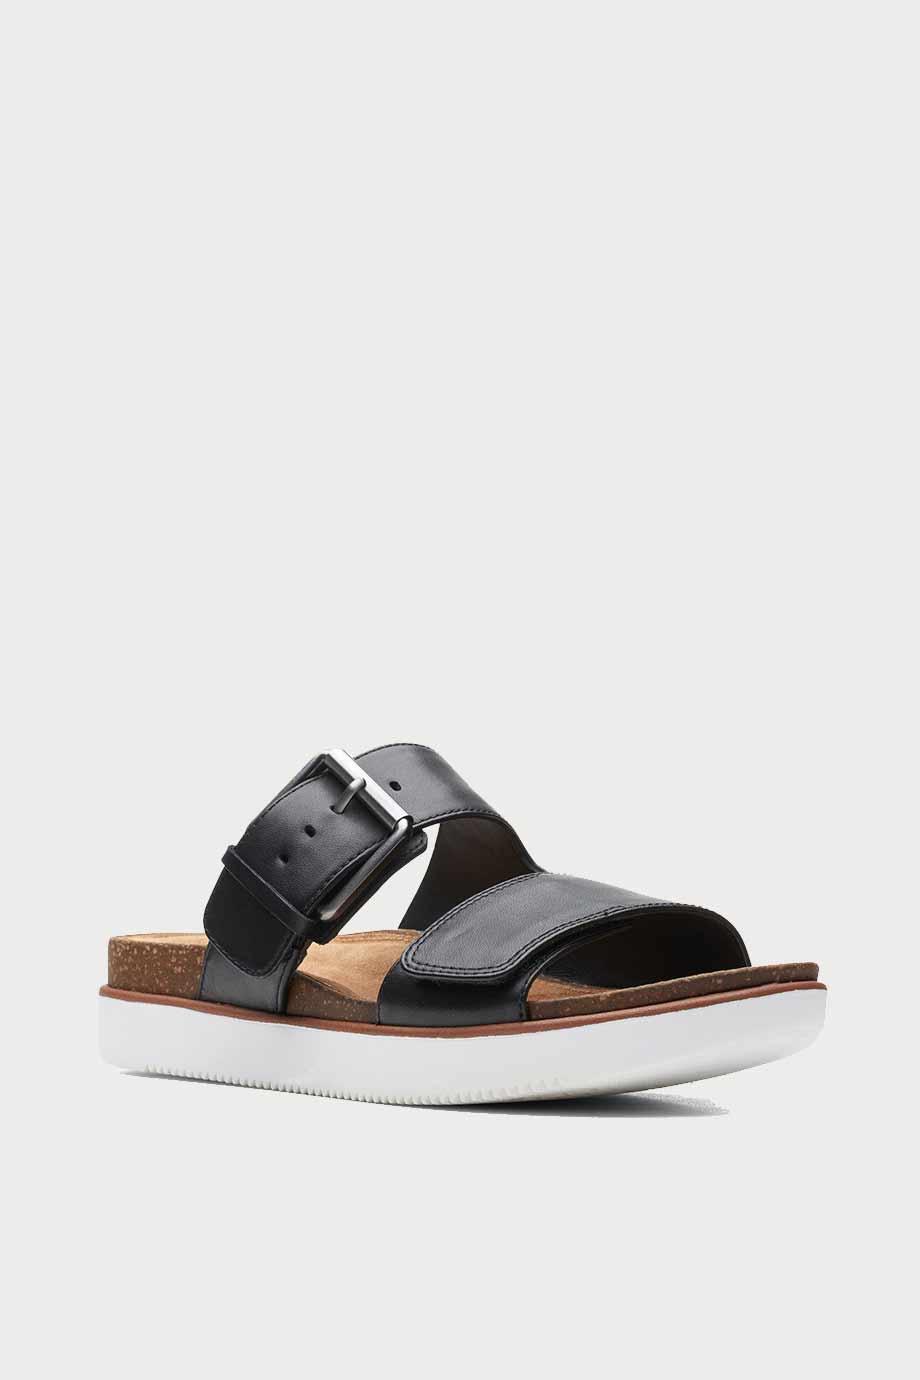 spiridoula metheniti shoes xalkida p Elayne Ease clarks black leather 7